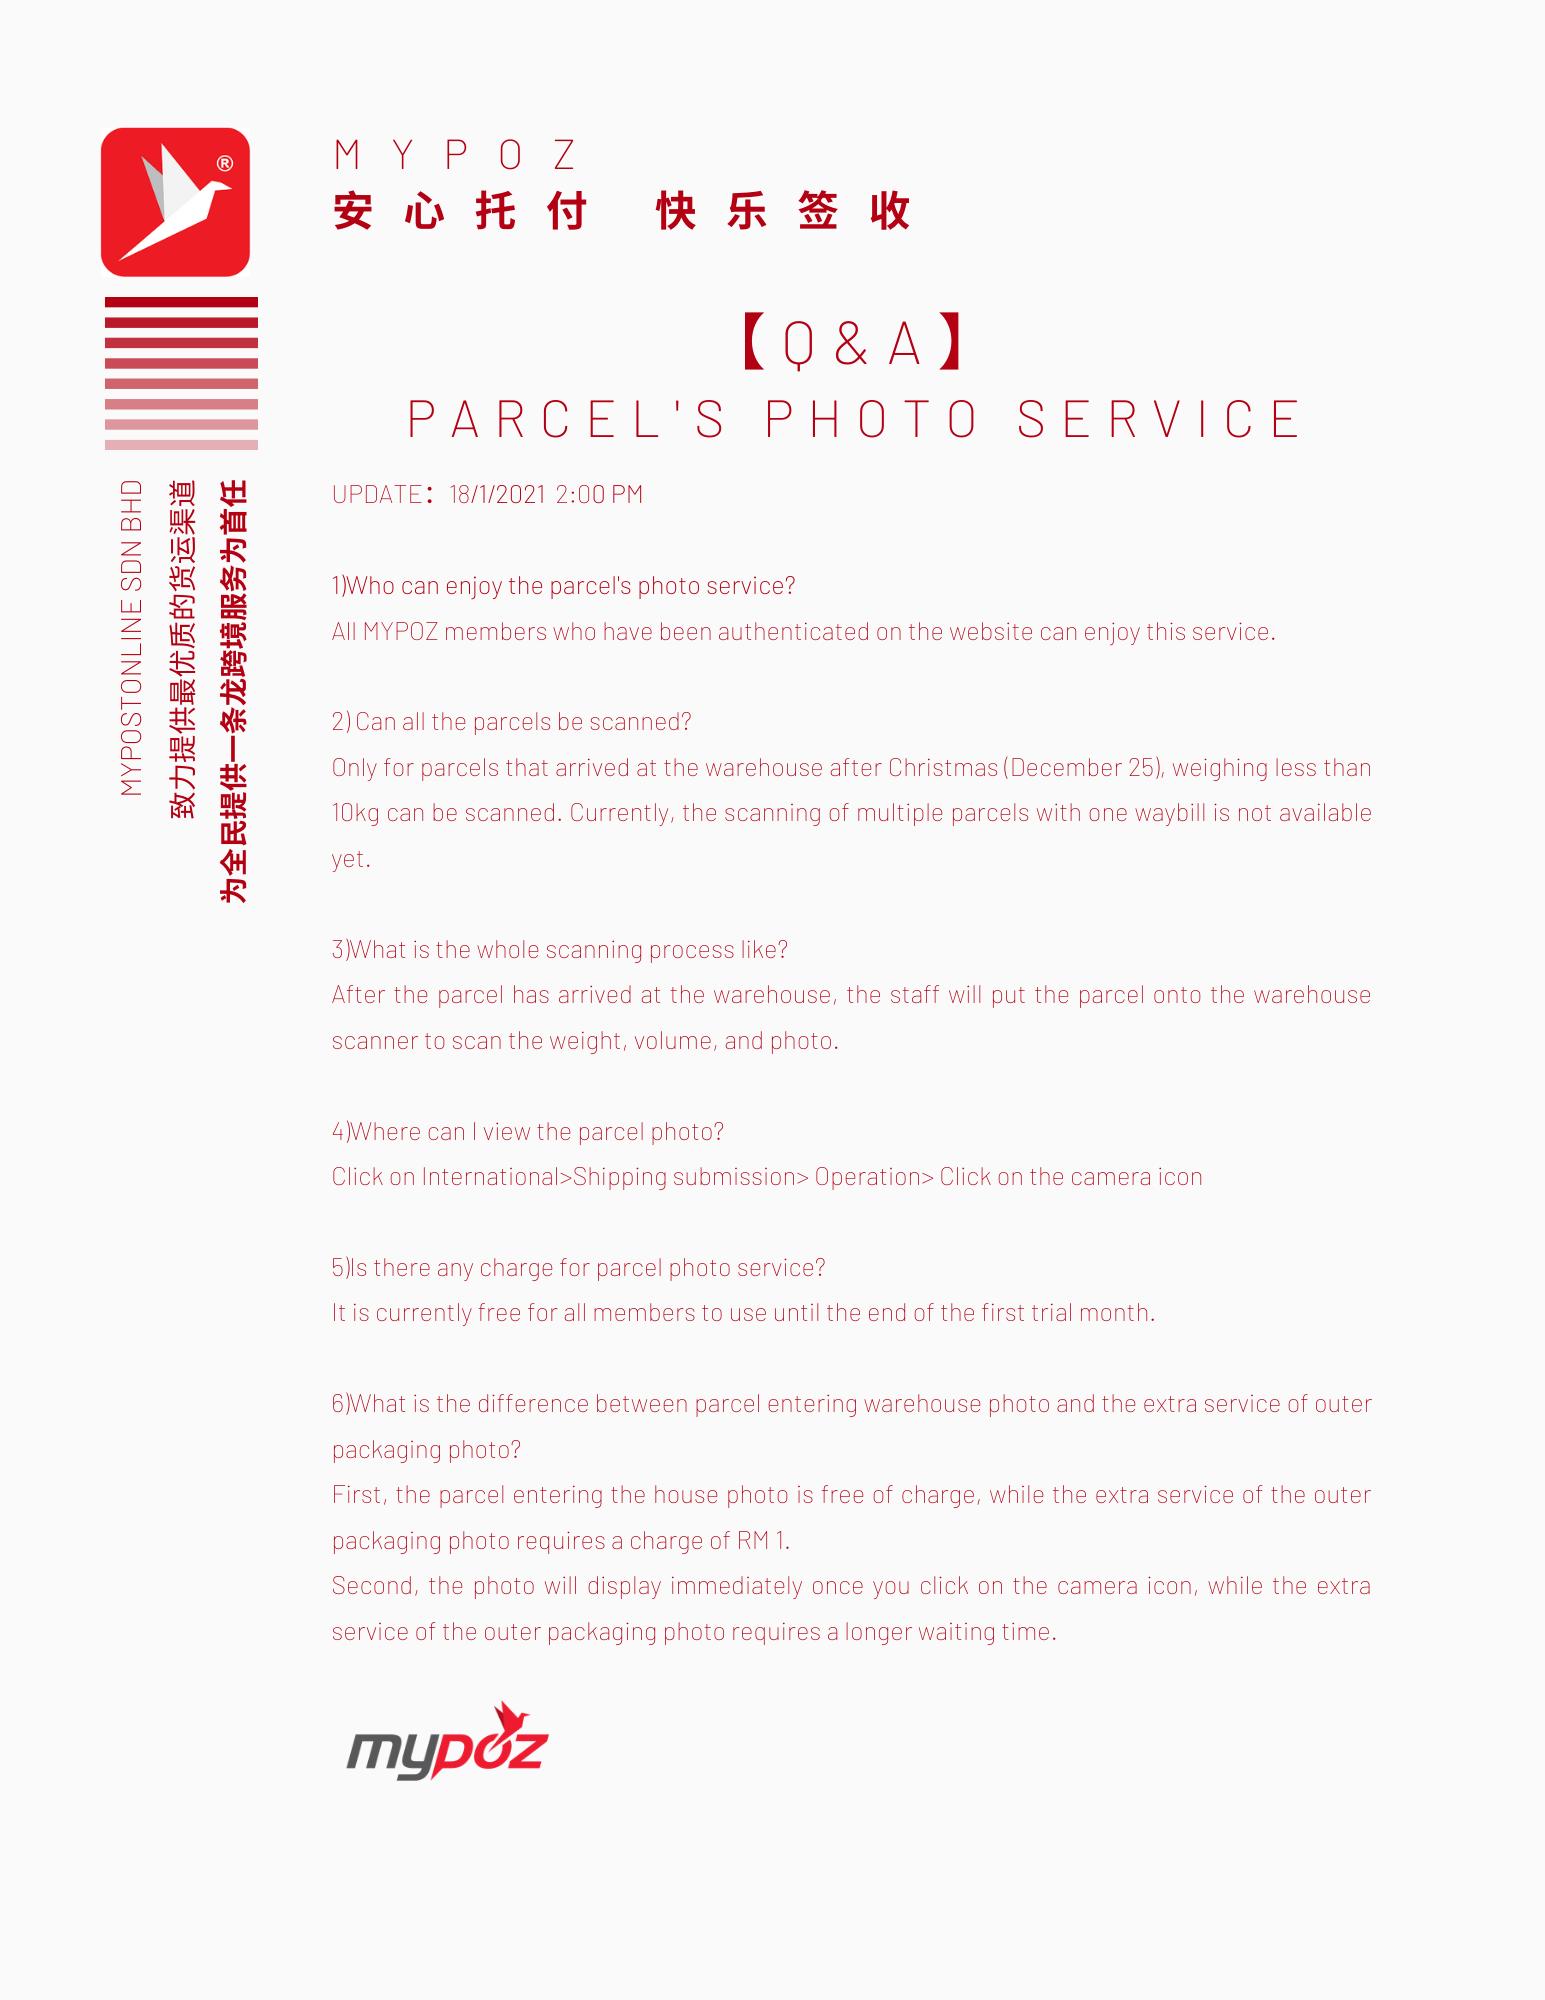 【Q&A】PARCEL'S PHOTO SERVICE Q&A